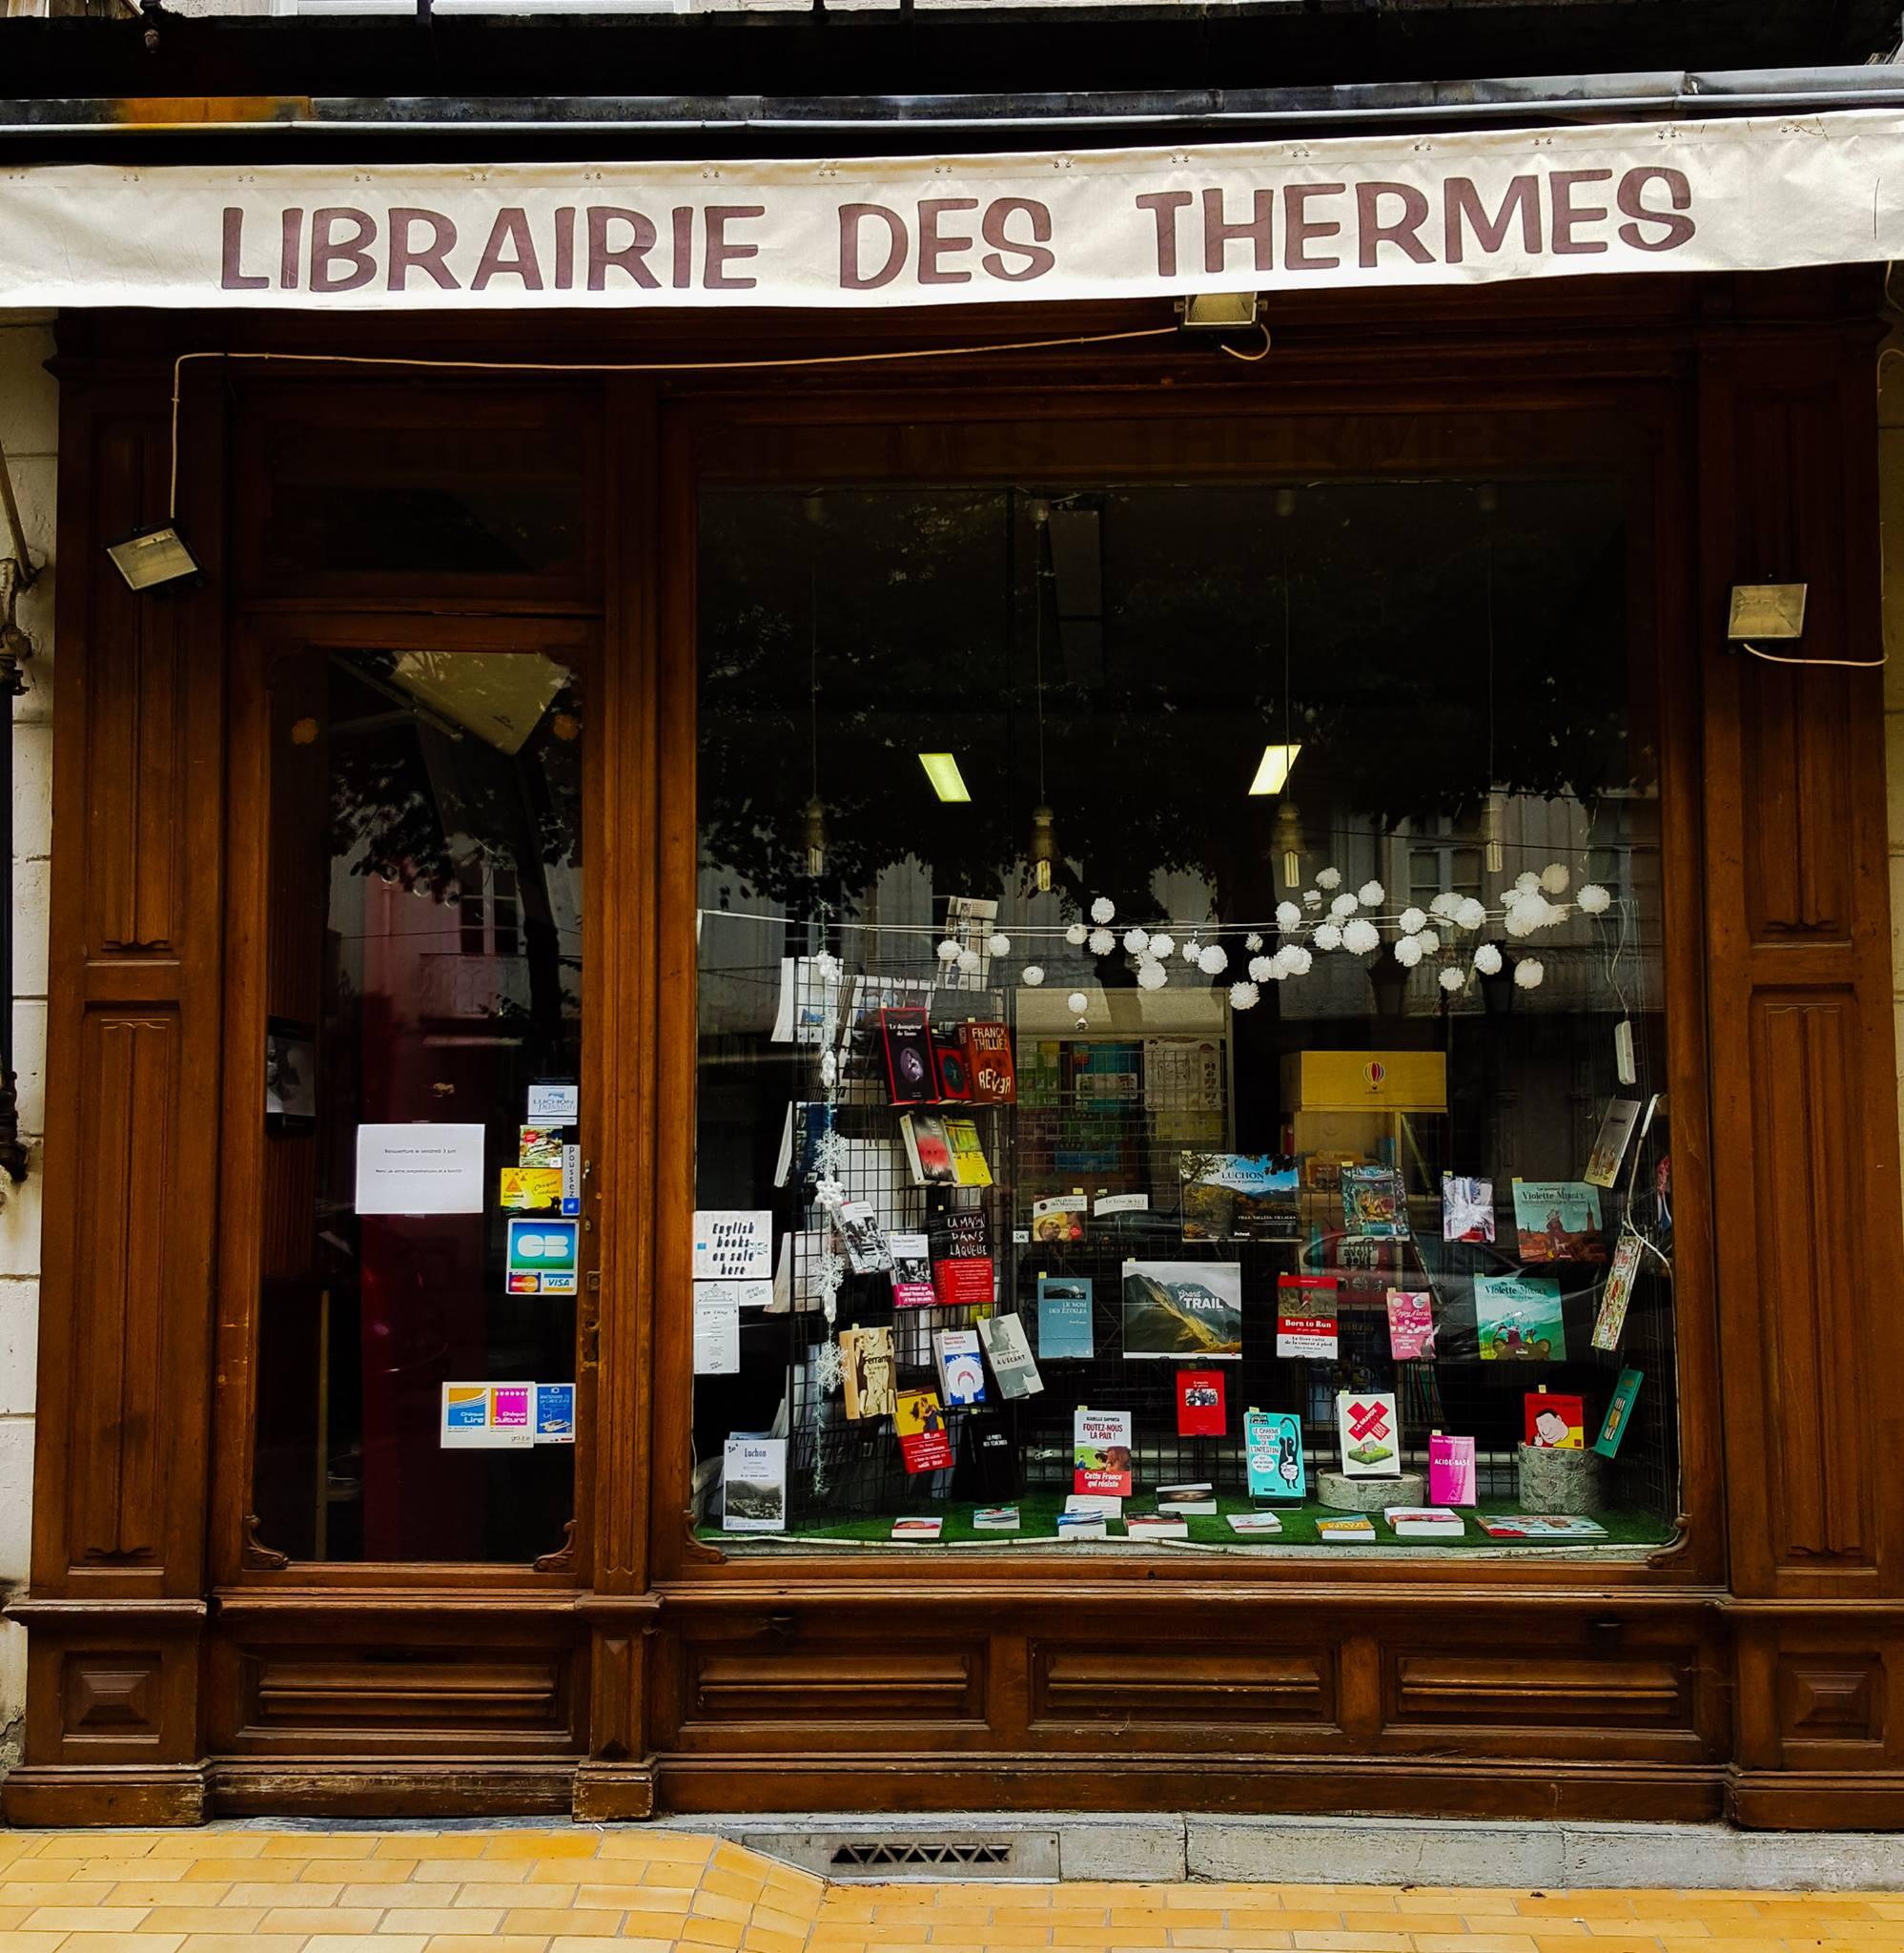 LA LIBRAIRIE DES THERMES